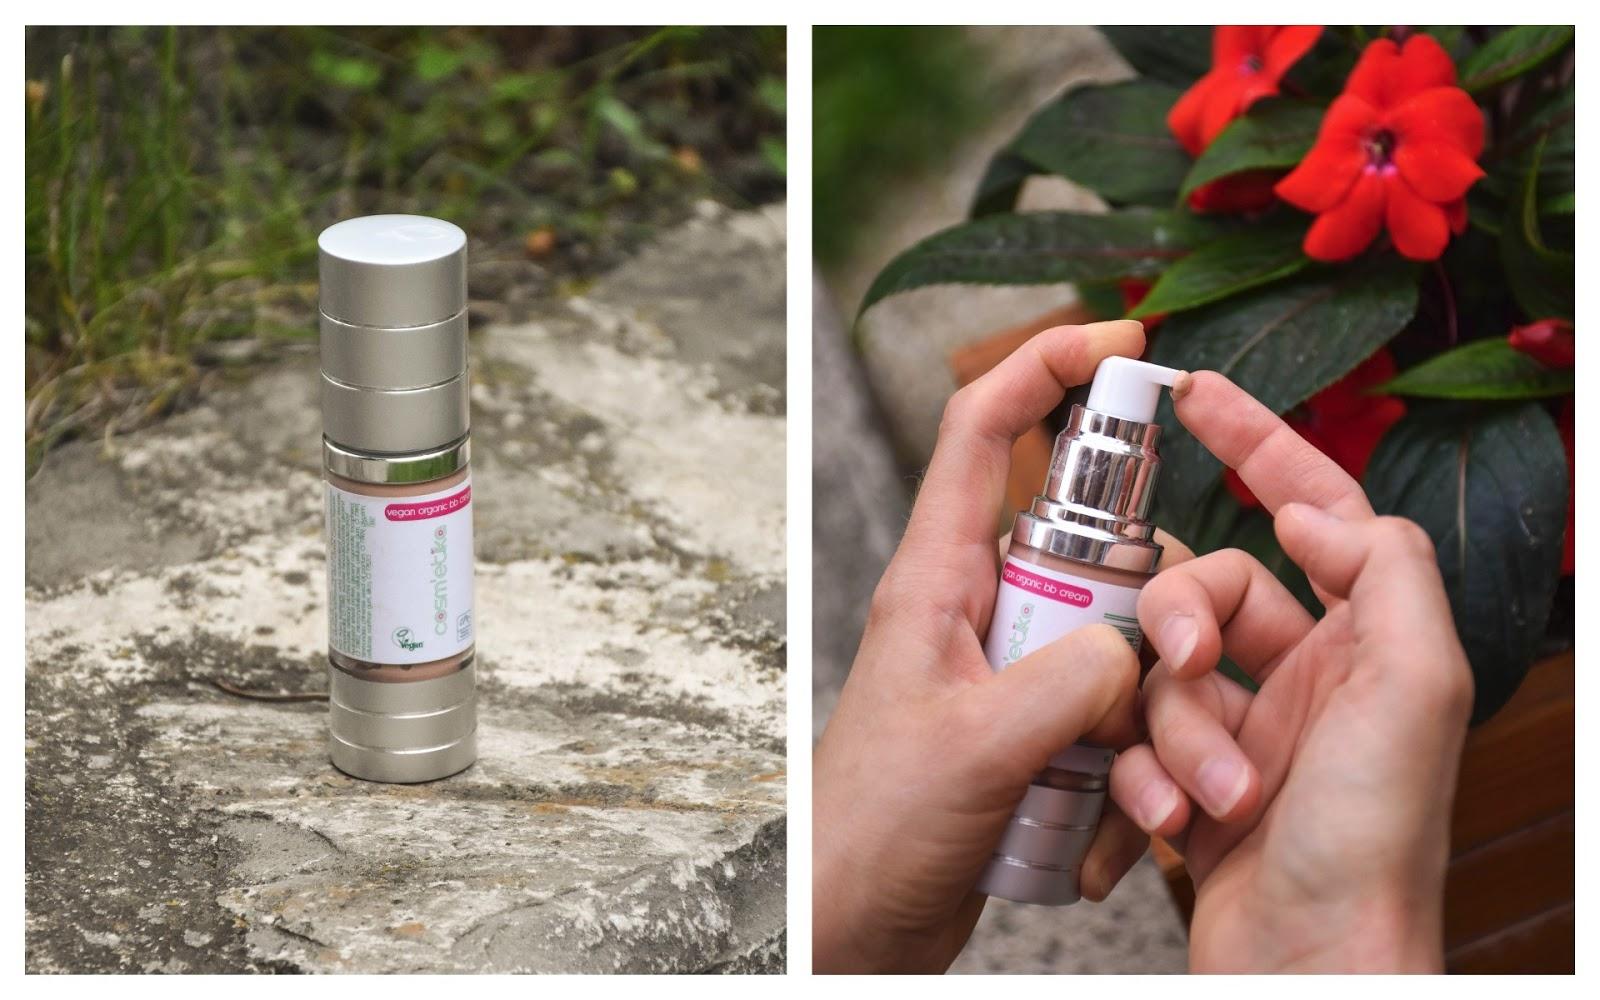 přírodní kosmetika, cannor, konopná kosmetika, CBD, péče o pleť